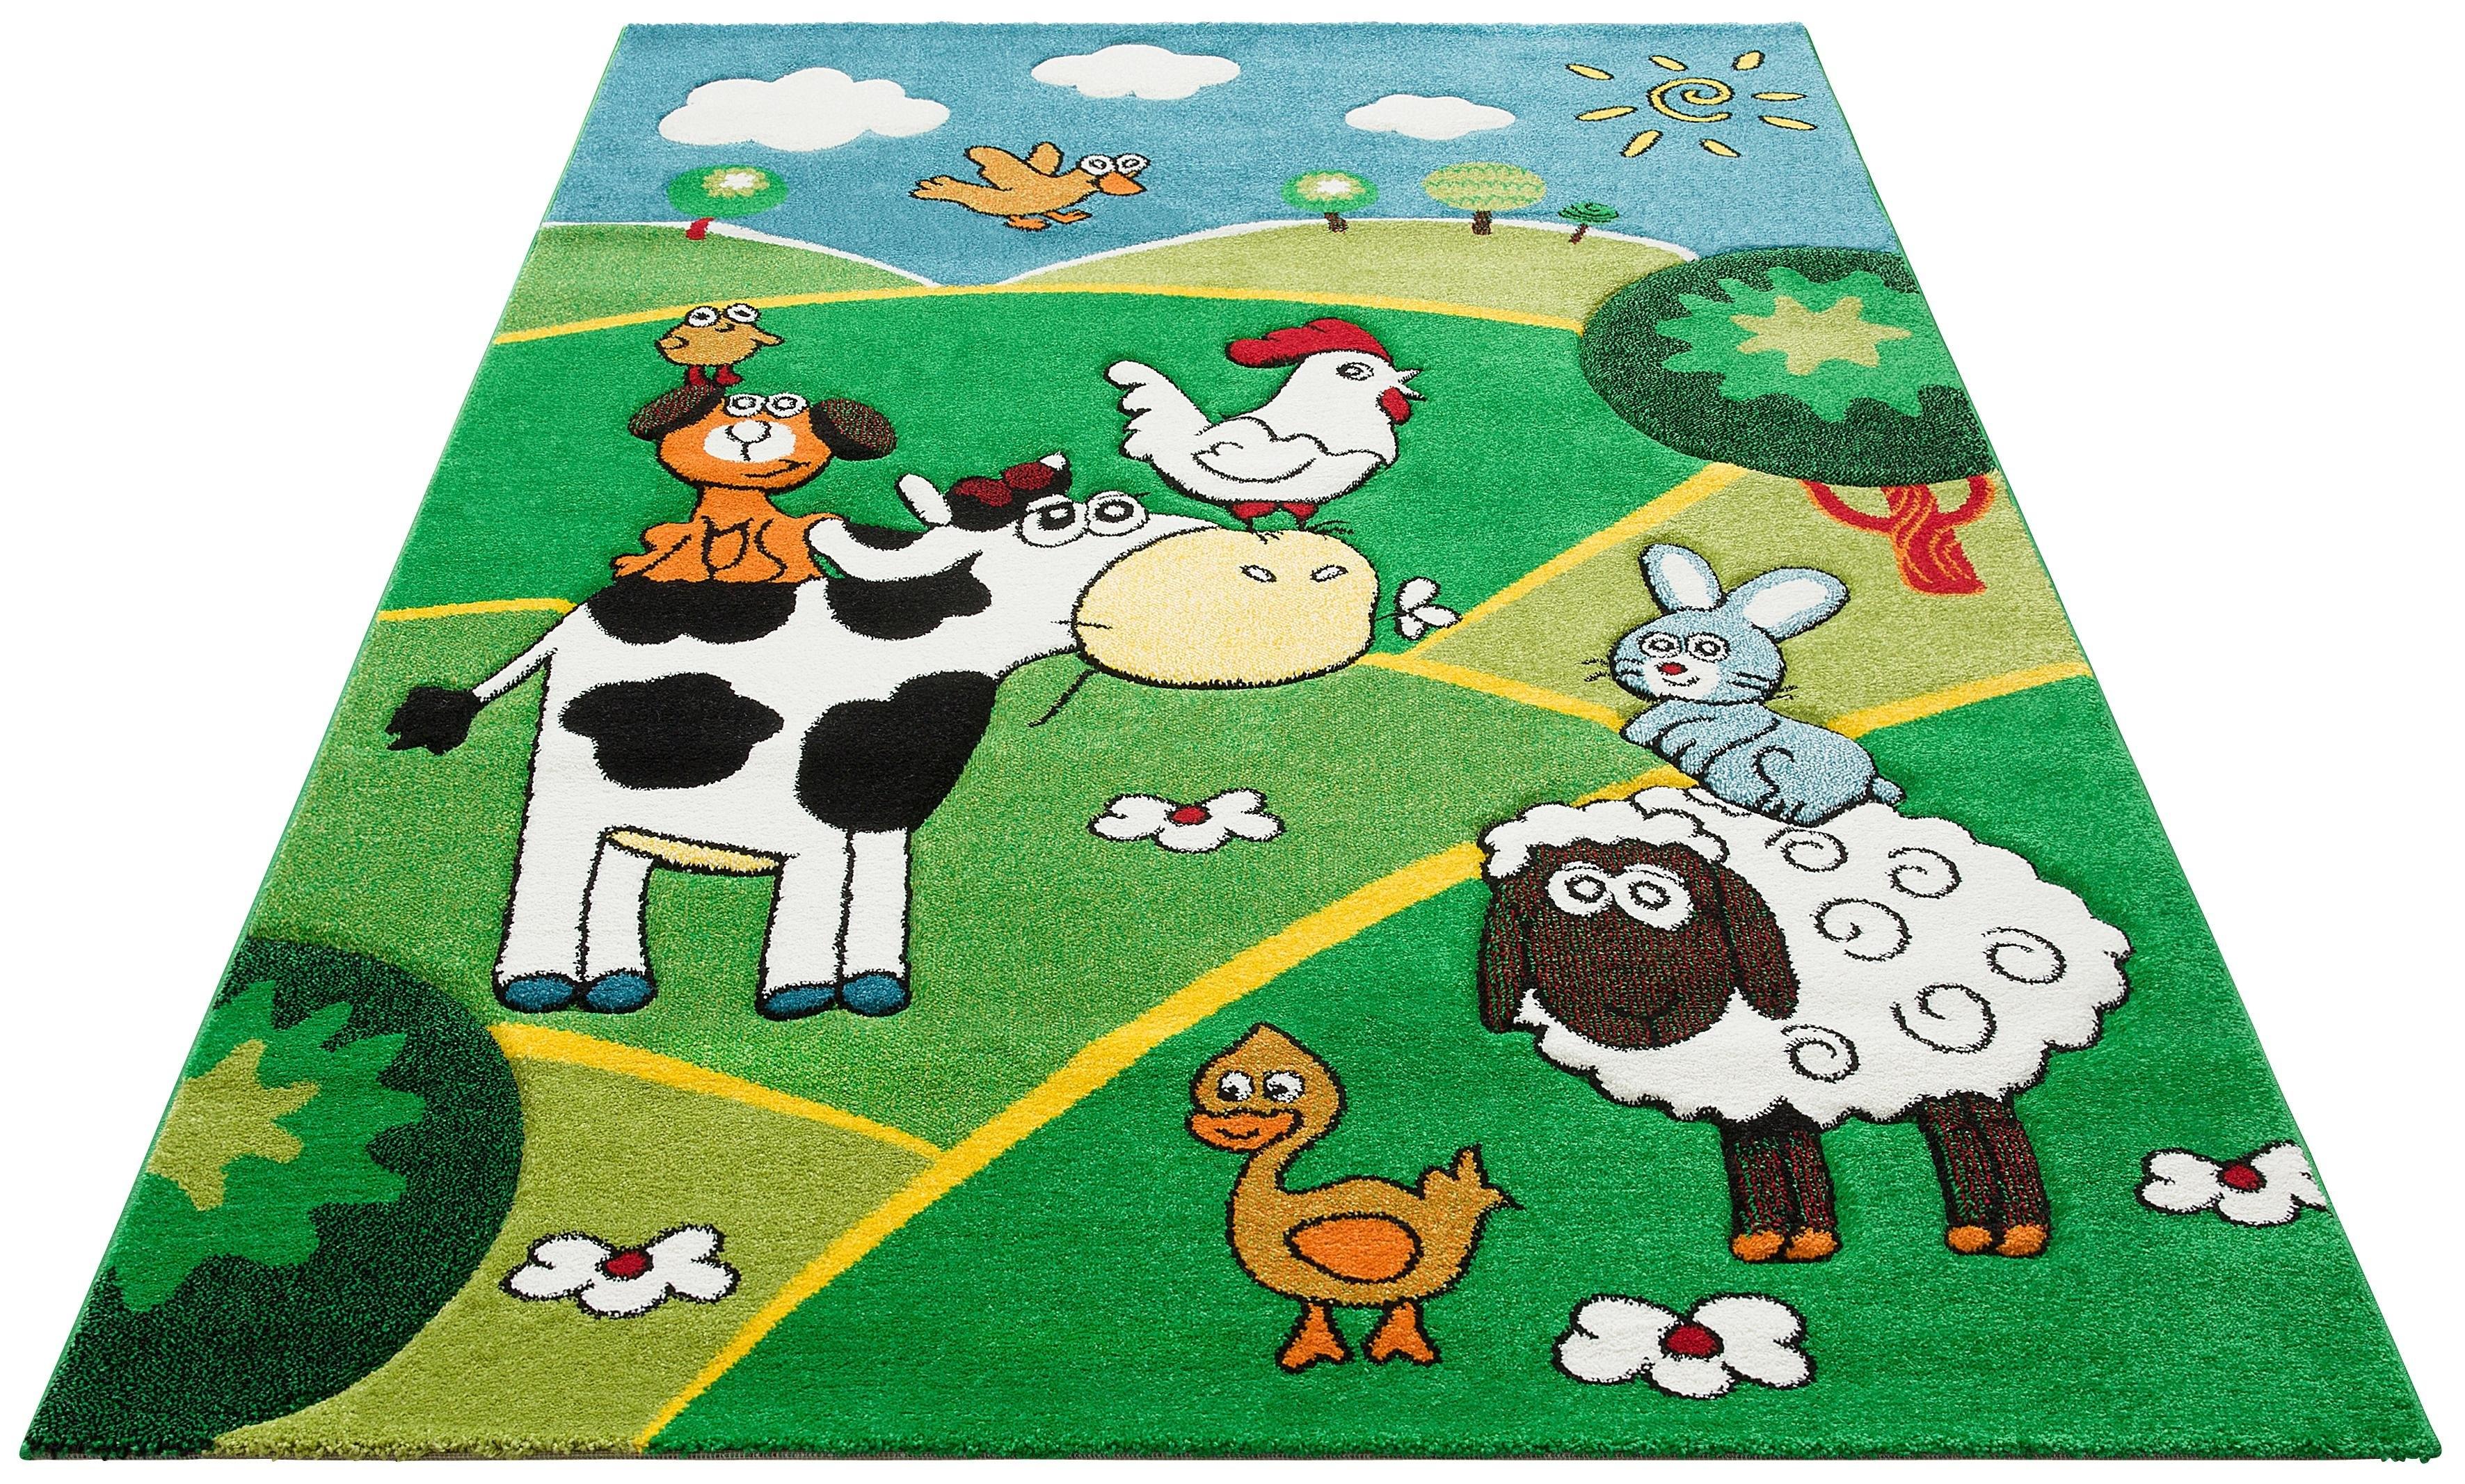 Lüttenhütt vloerkleed voor de kinderkamer Boerderij Motief dieren, met de hand gesneden reliëfpatroon, kinderkamer nu online kopen bij OTTO